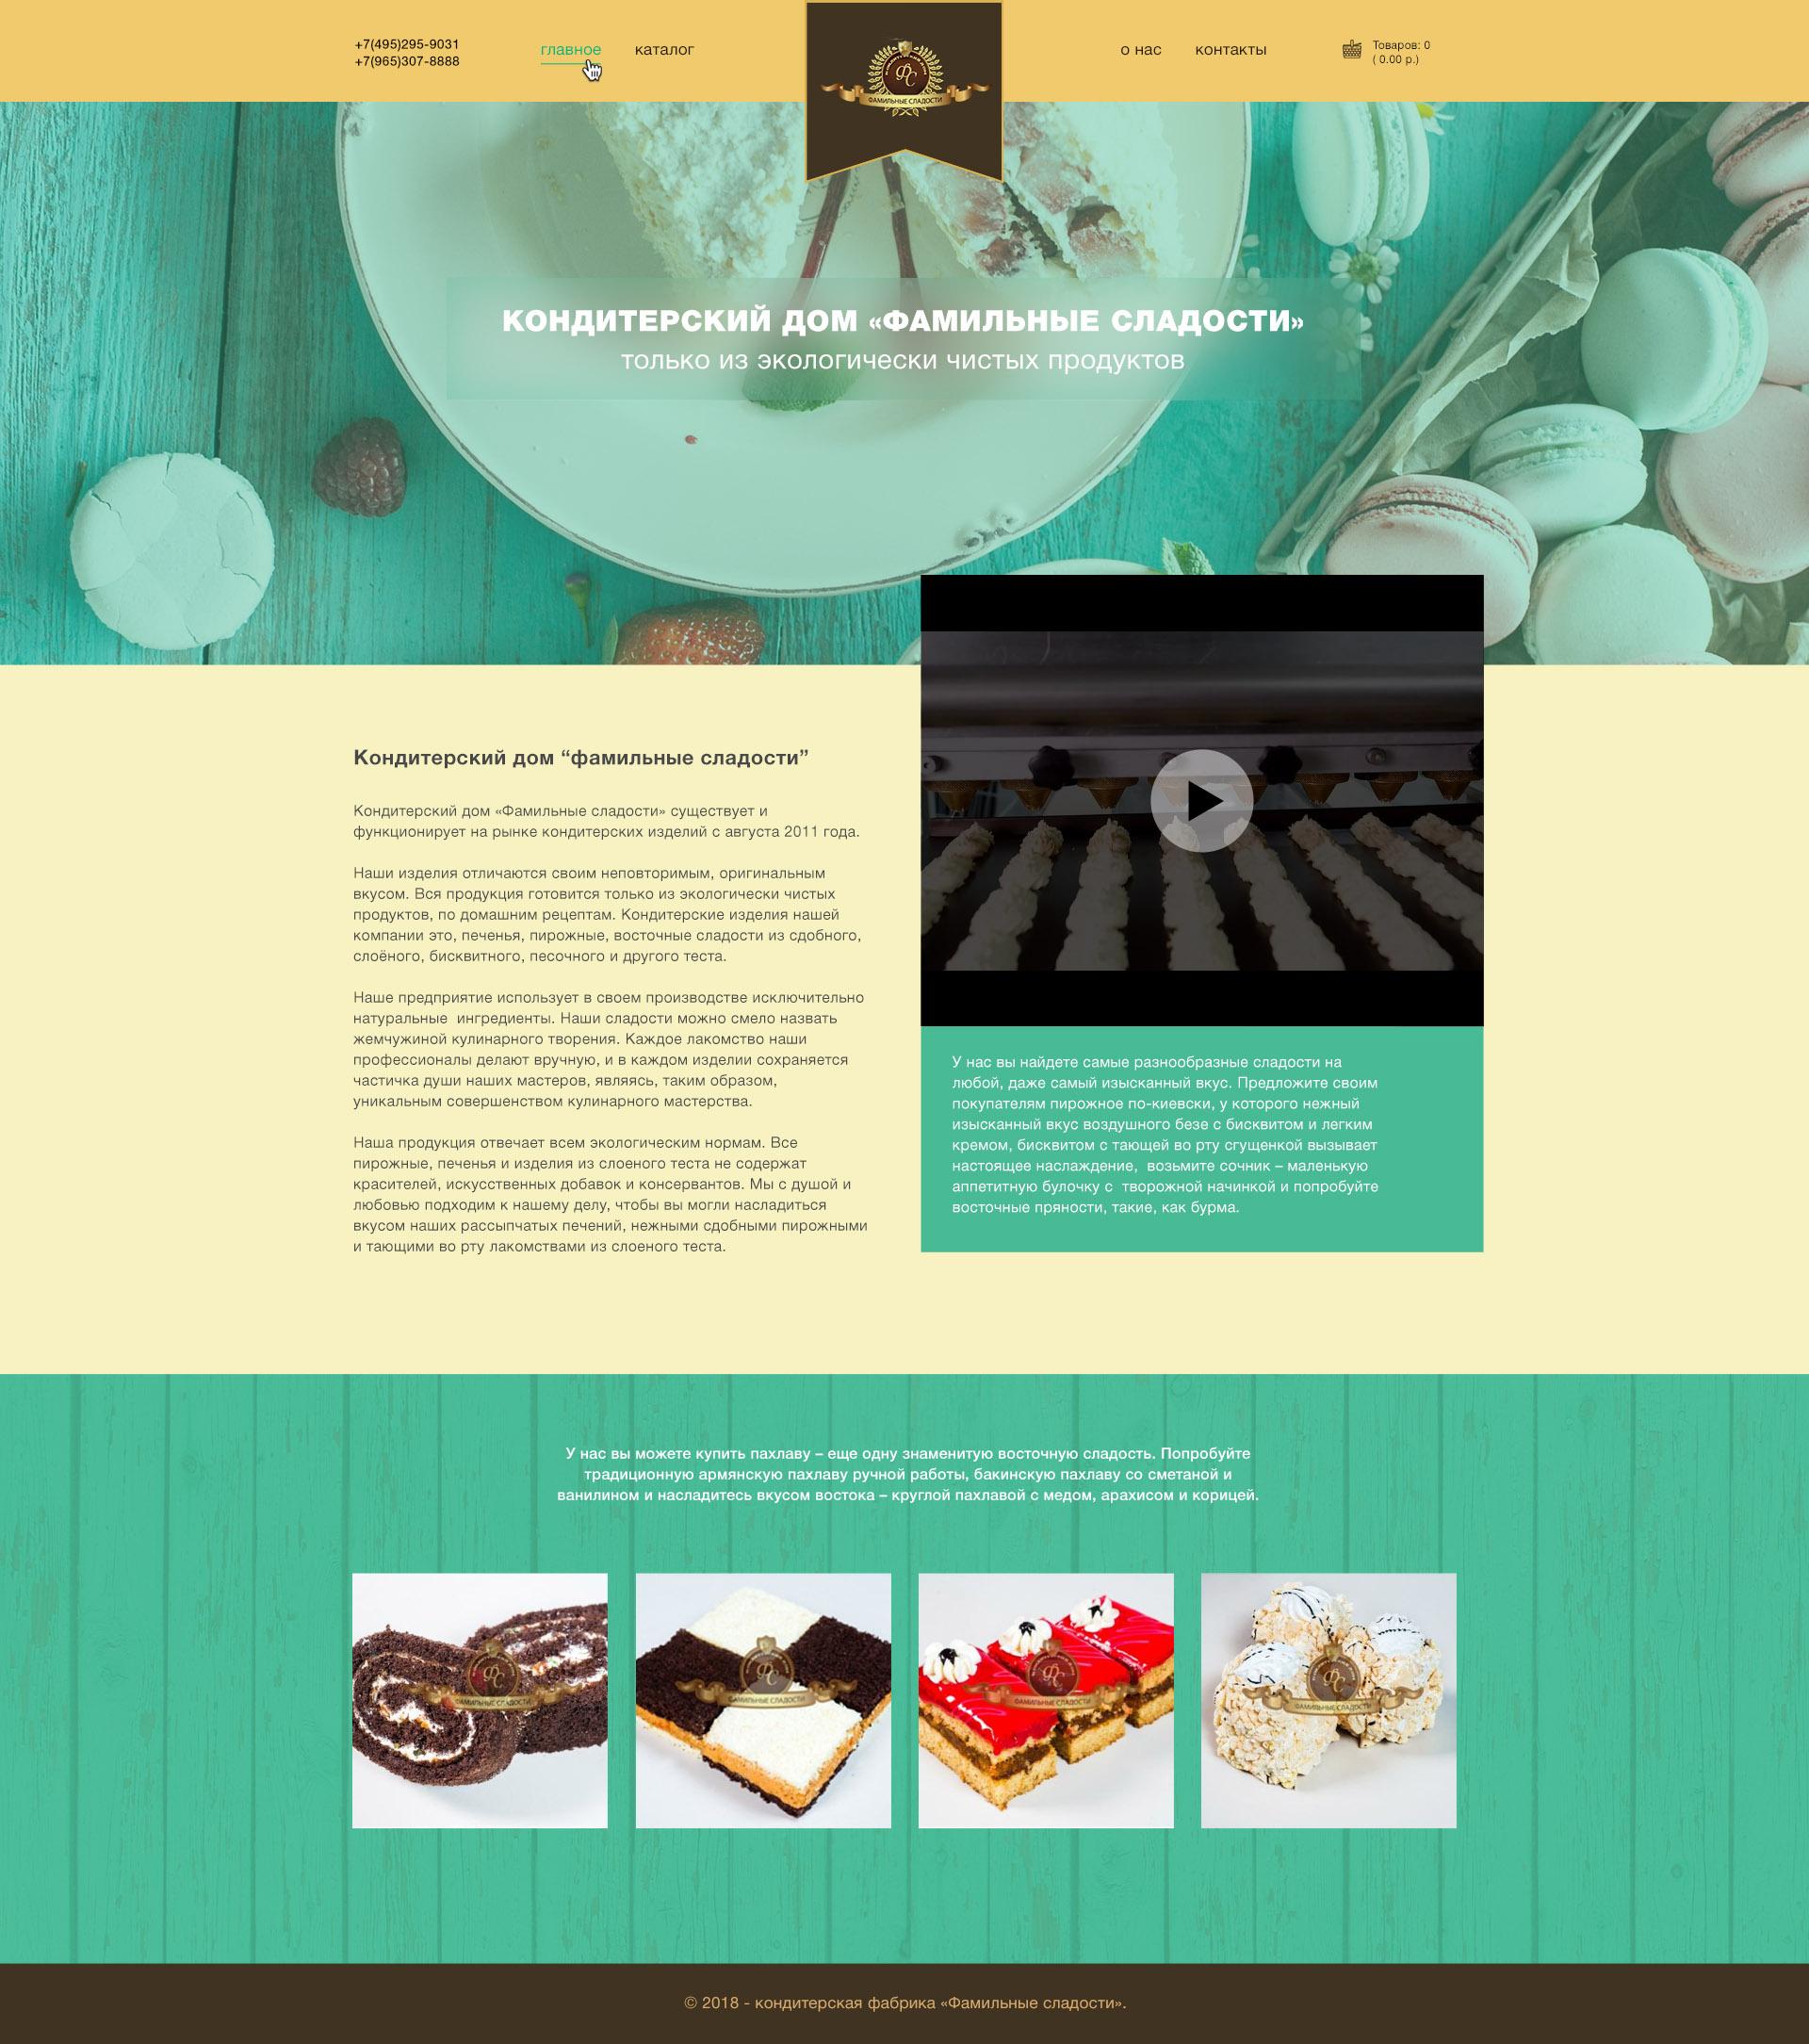 Редизайн главной страницы сайта кондитерского производства фото f_4975aa0b4d37c526.jpg